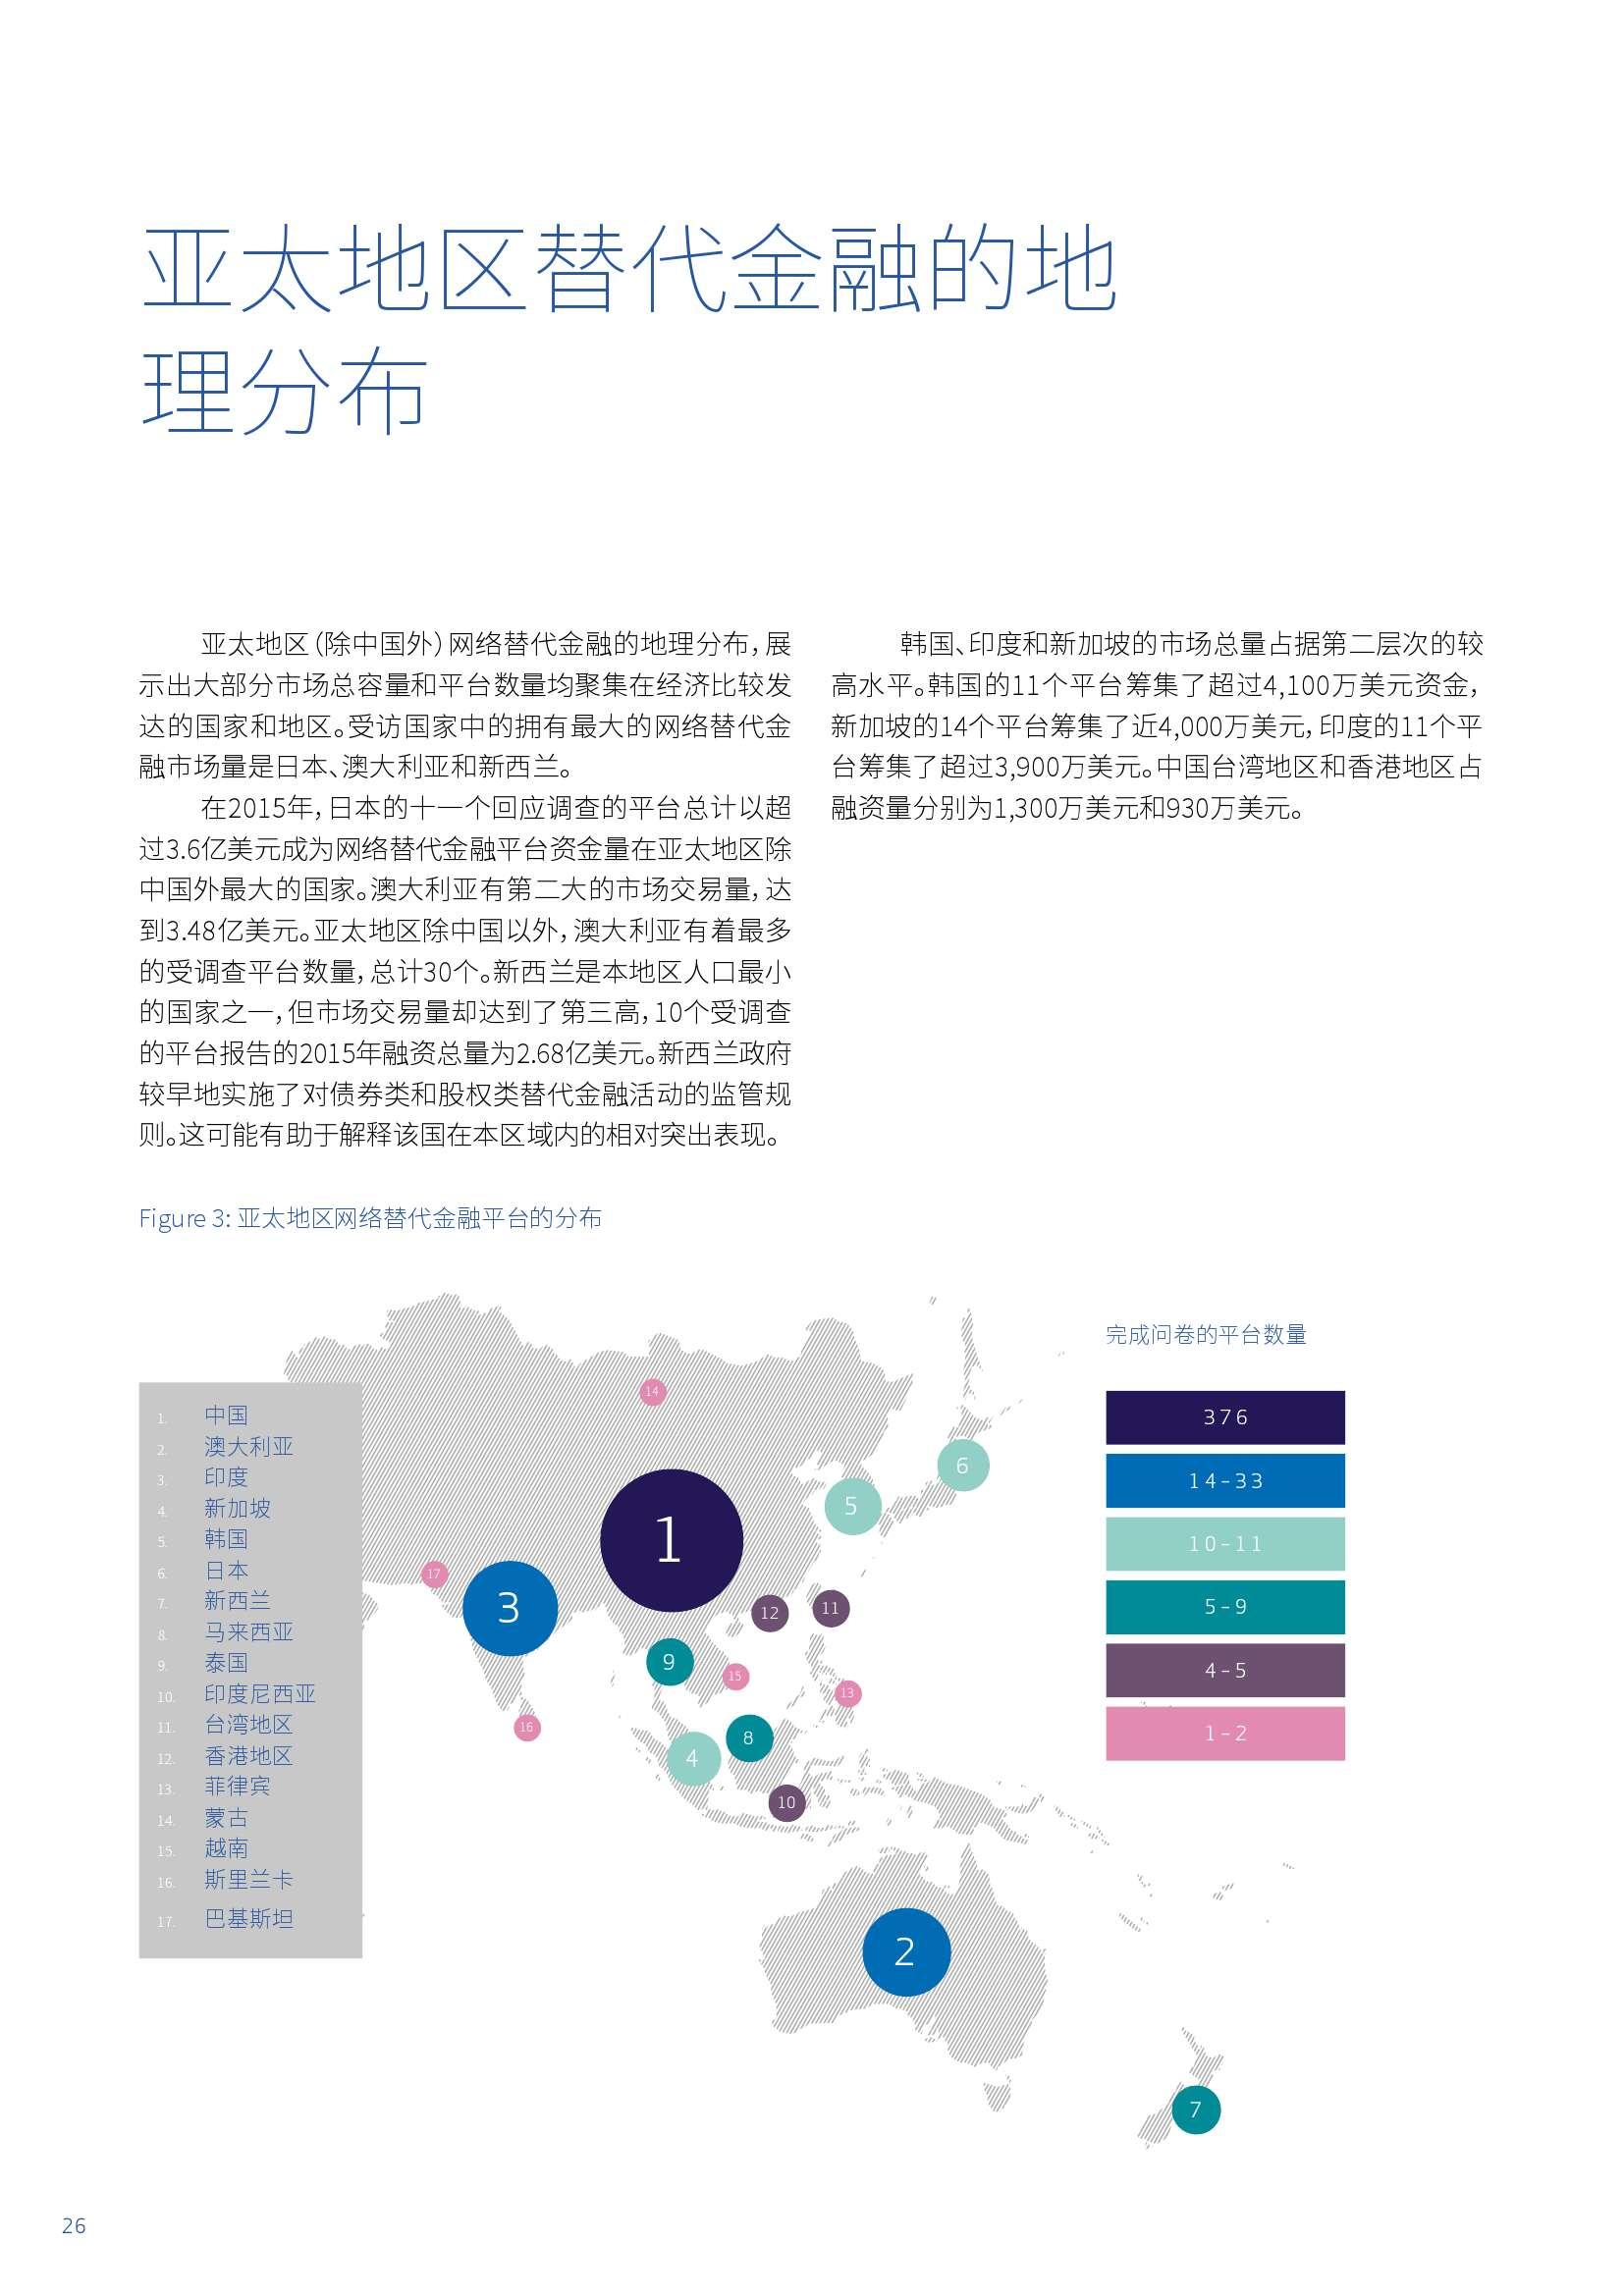 亚太地区网络替代金融基准报告_000026